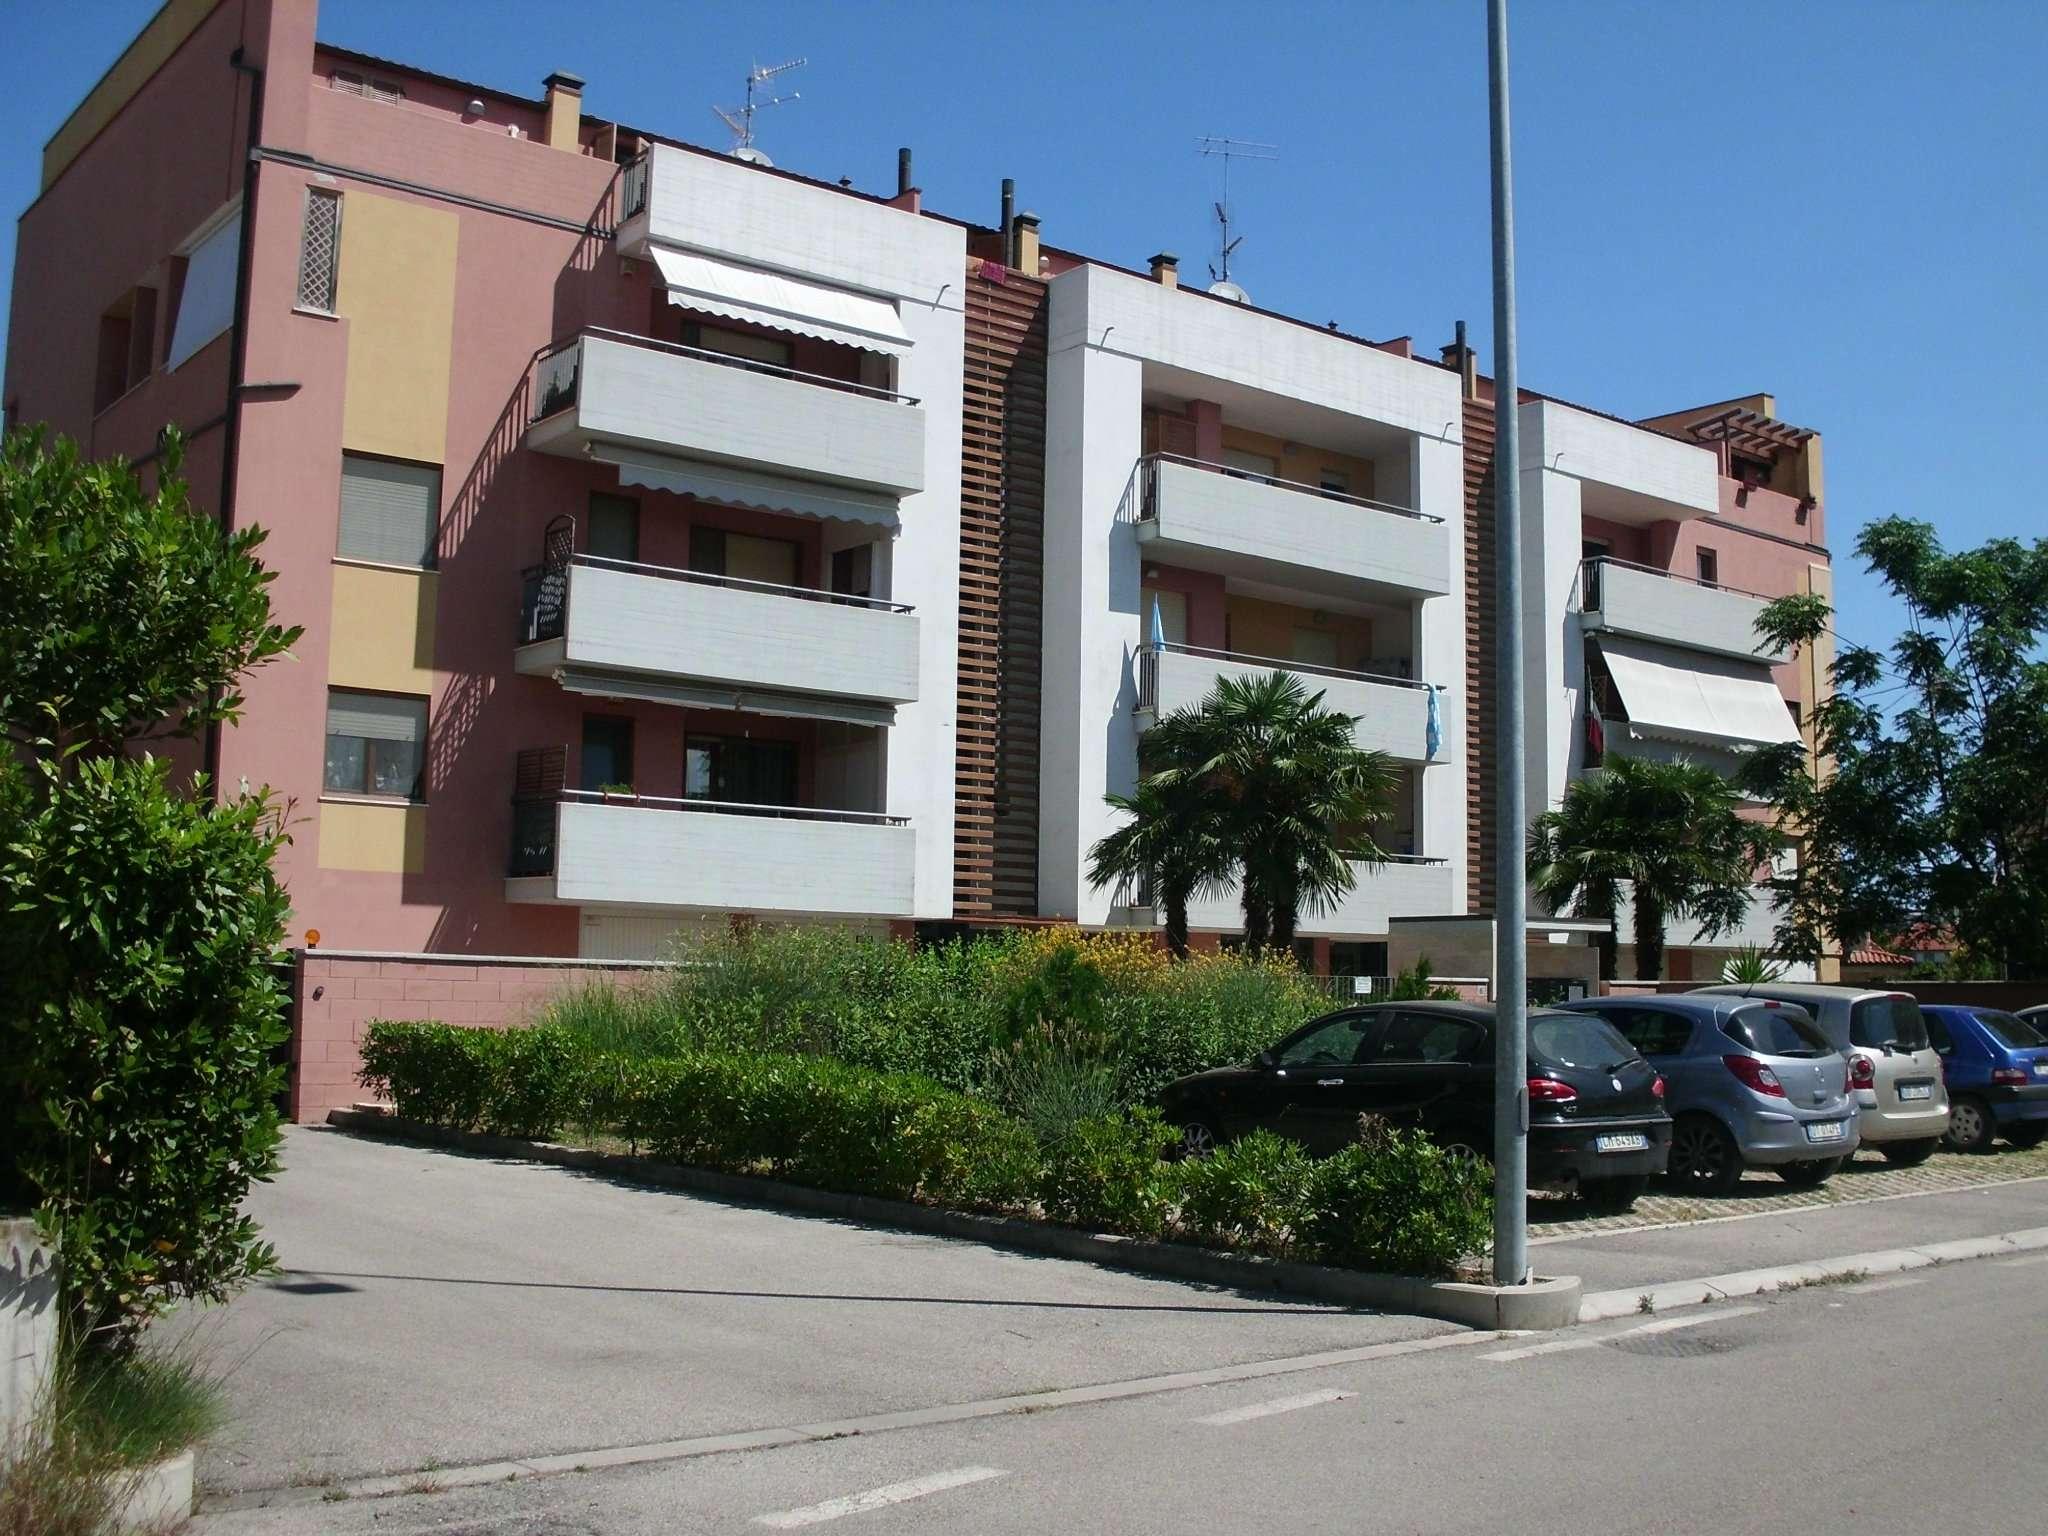 Attico / Mansarda in vendita a Montesilvano, 3 locali, prezzo € 120.000 | CambioCasa.it